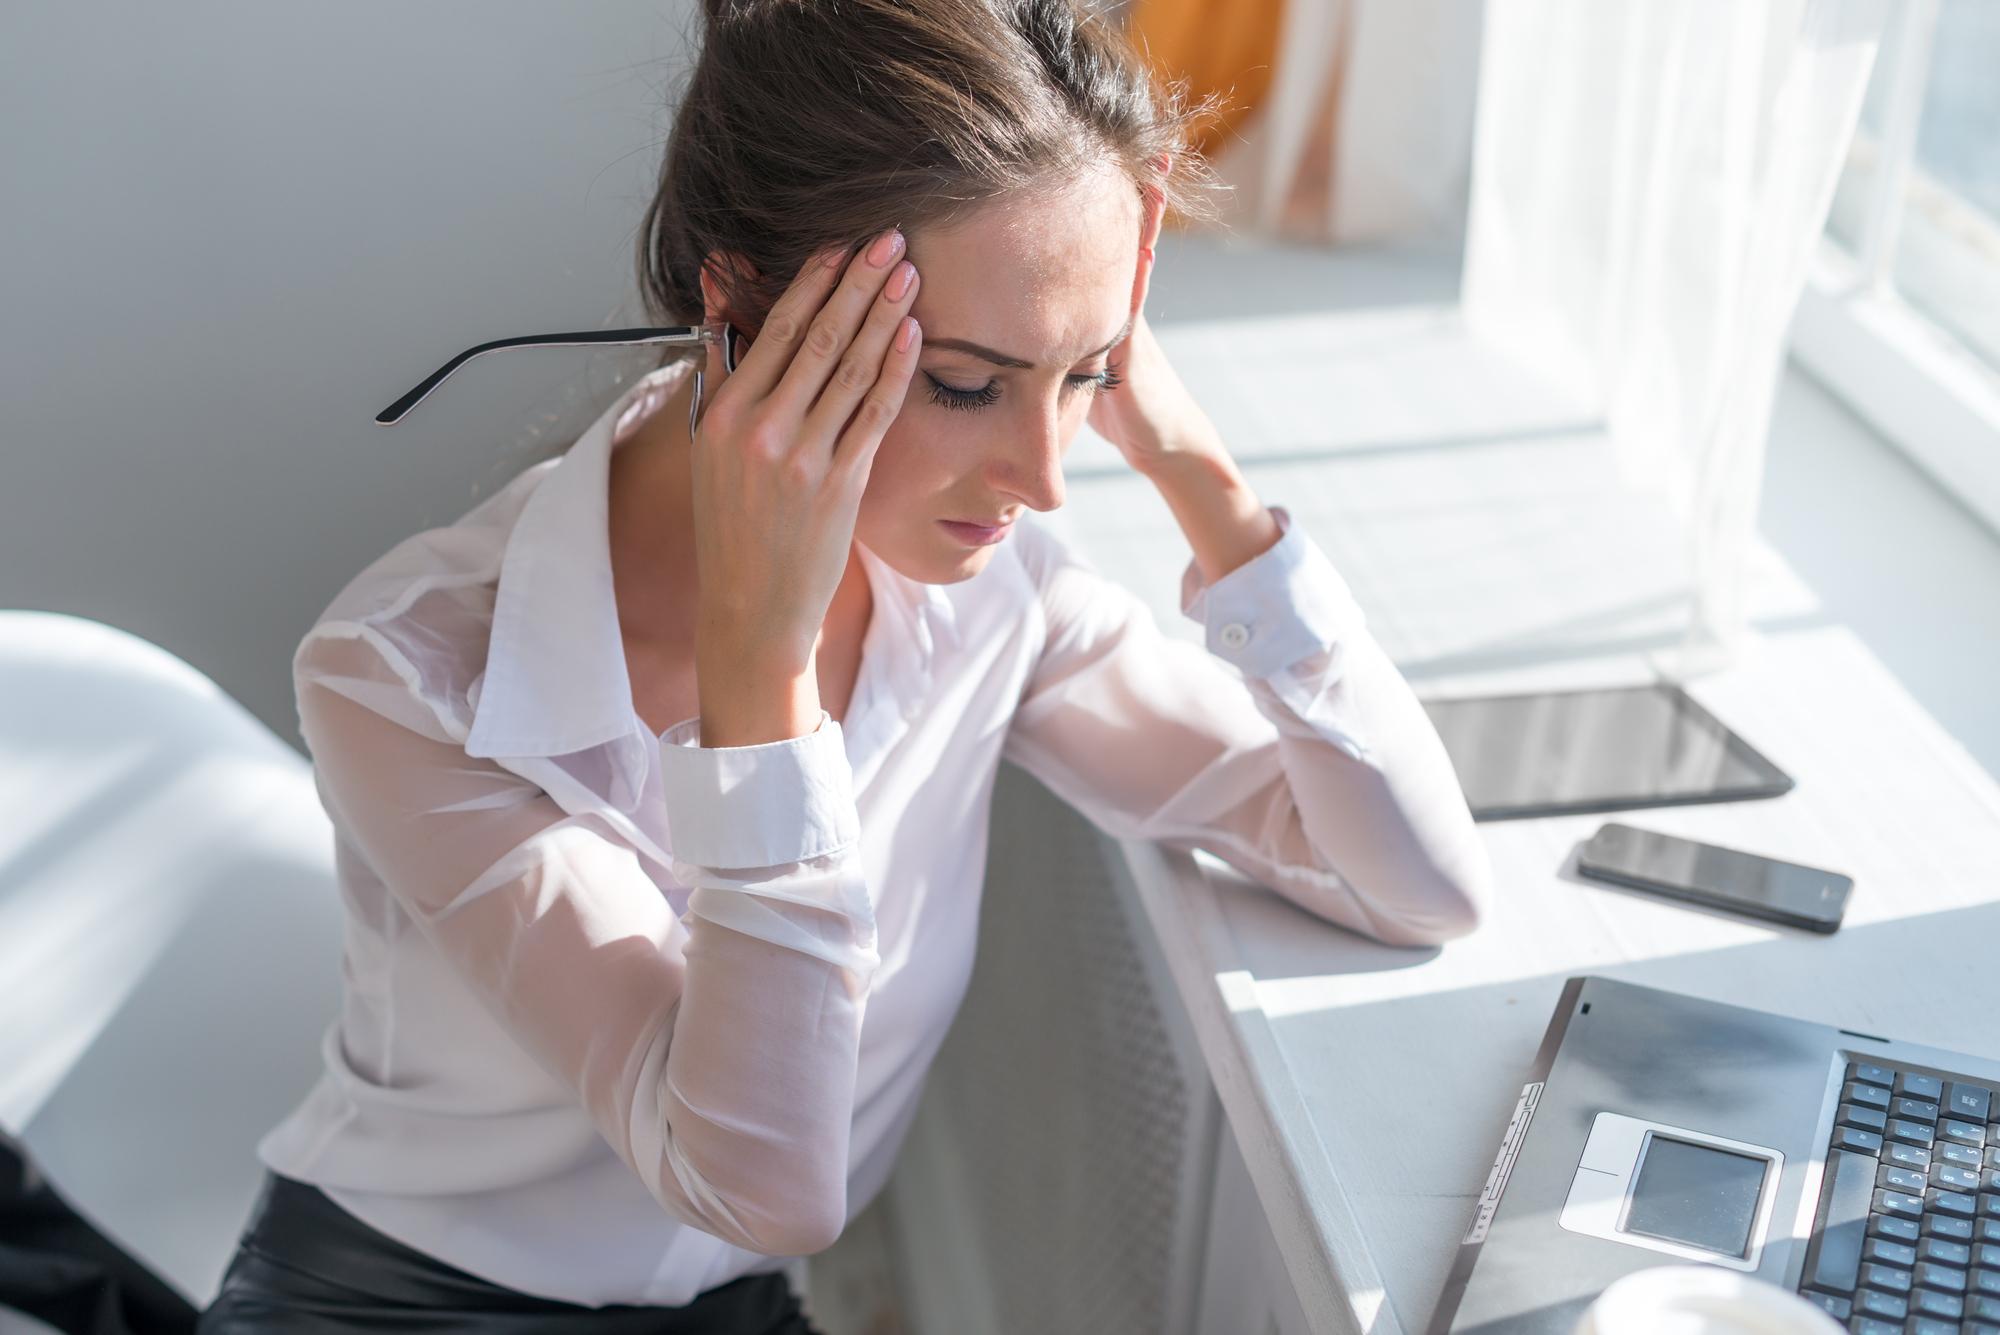 Головная боль и мануальная терапия: что следует знать